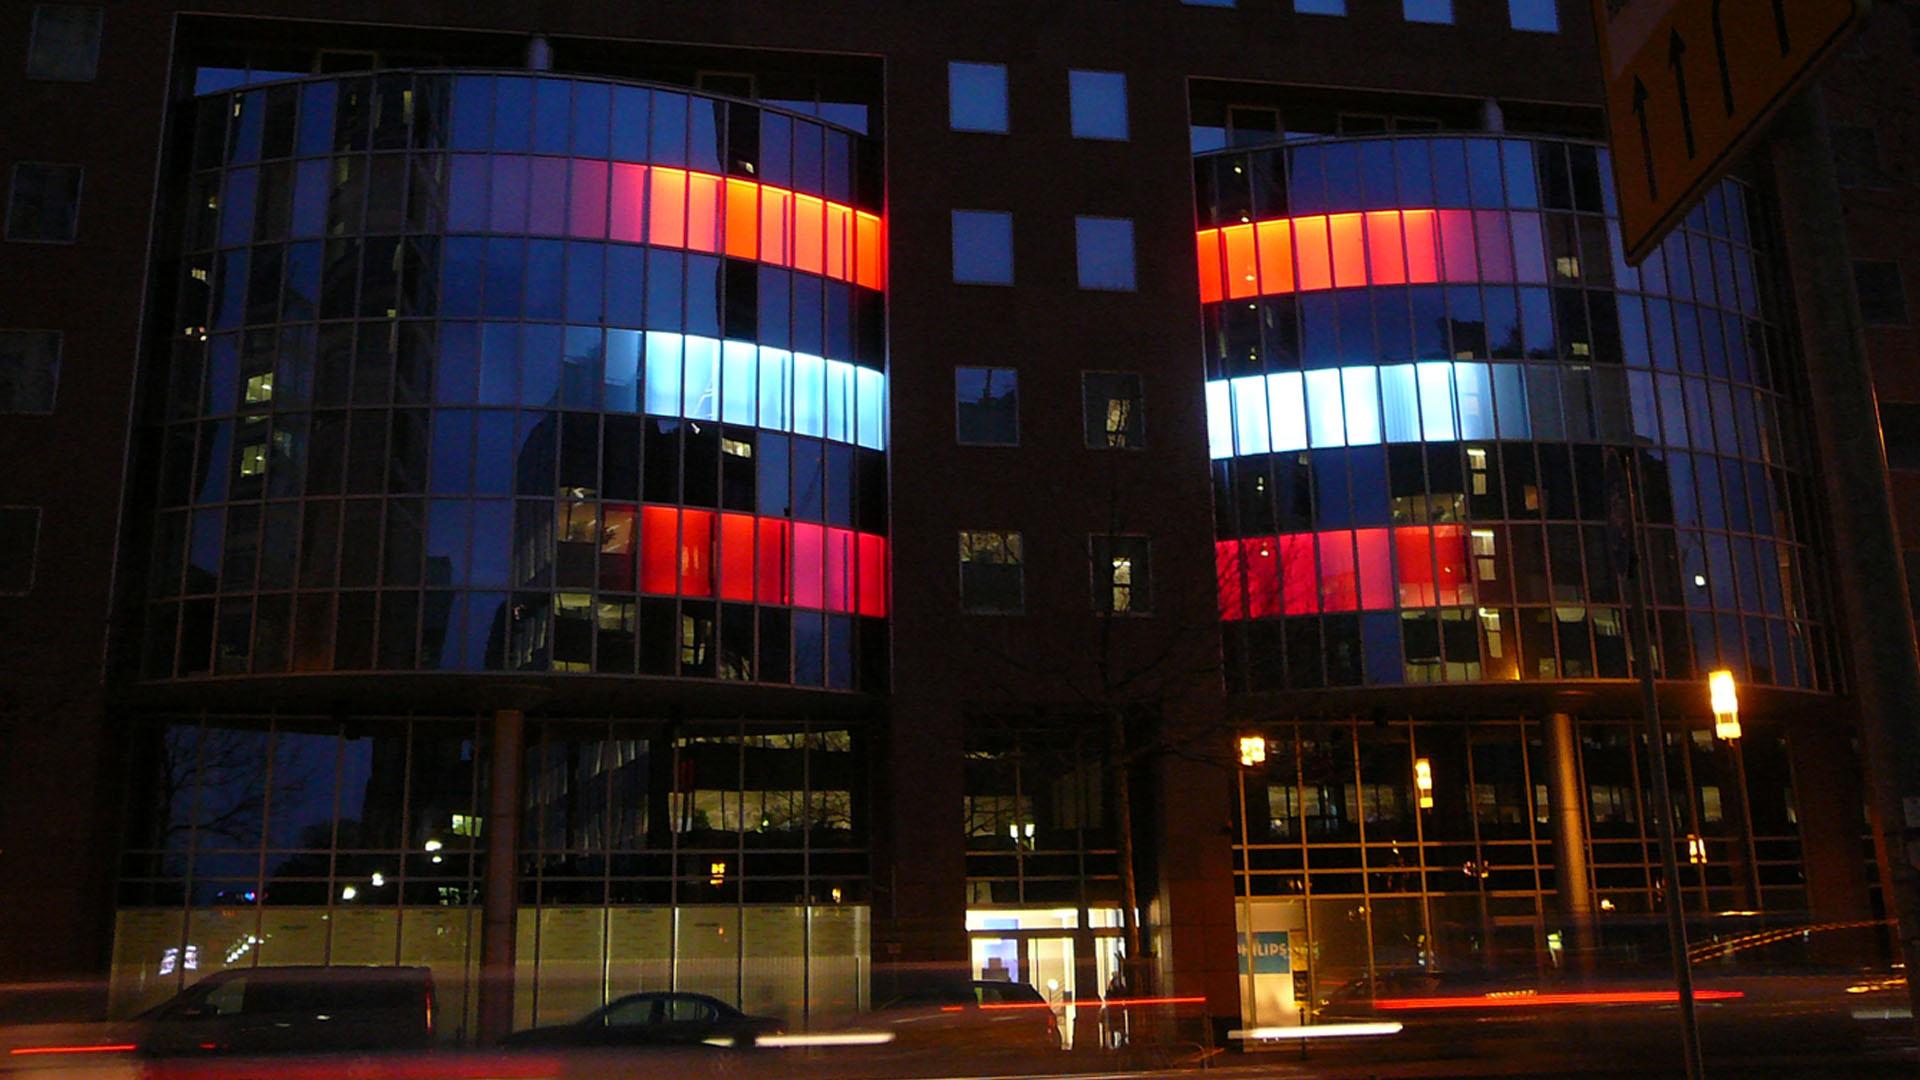 MAASS-Lichtplanung_Lichtkunst zur Luminale 2010__MAASS-HustleBustle-003